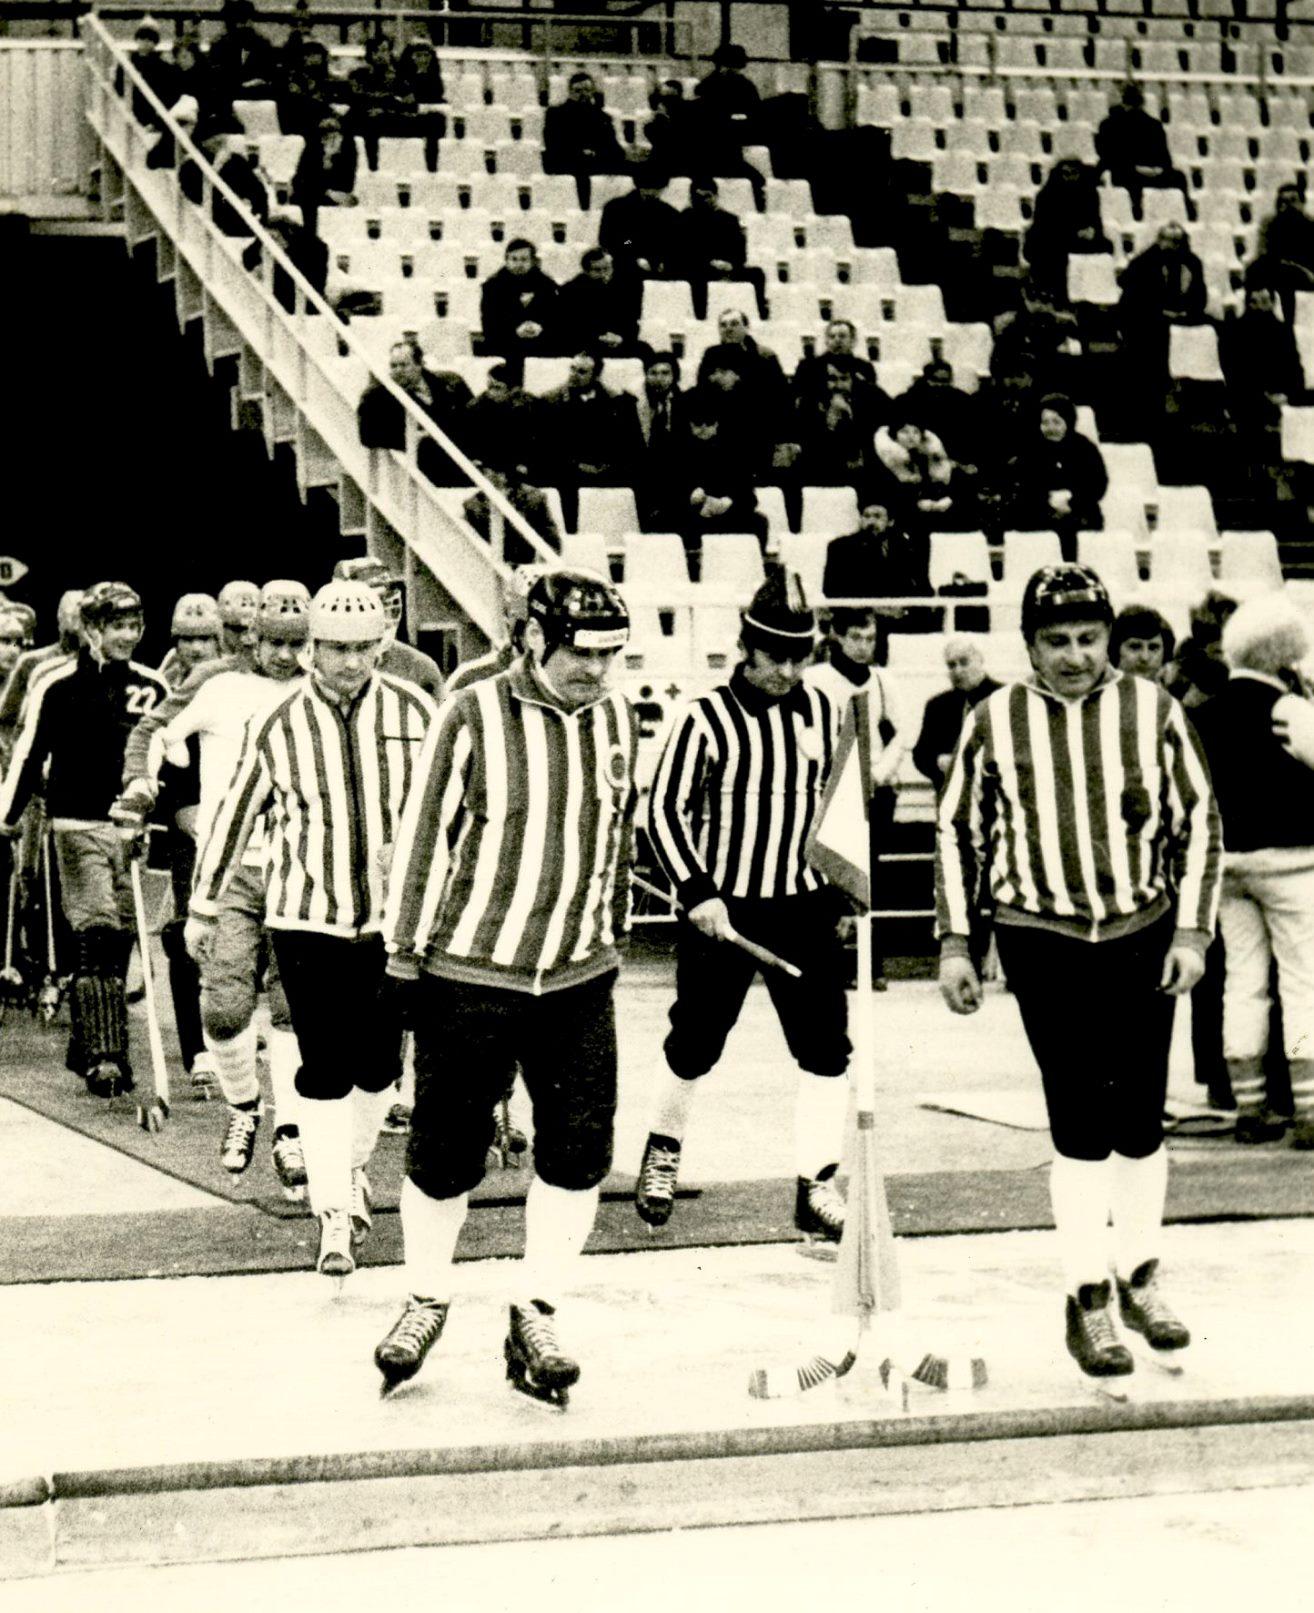 Москва, Олимпийский. Арбитры Александр Черёмушкин и Виктор Глебов выводят команды на лёд